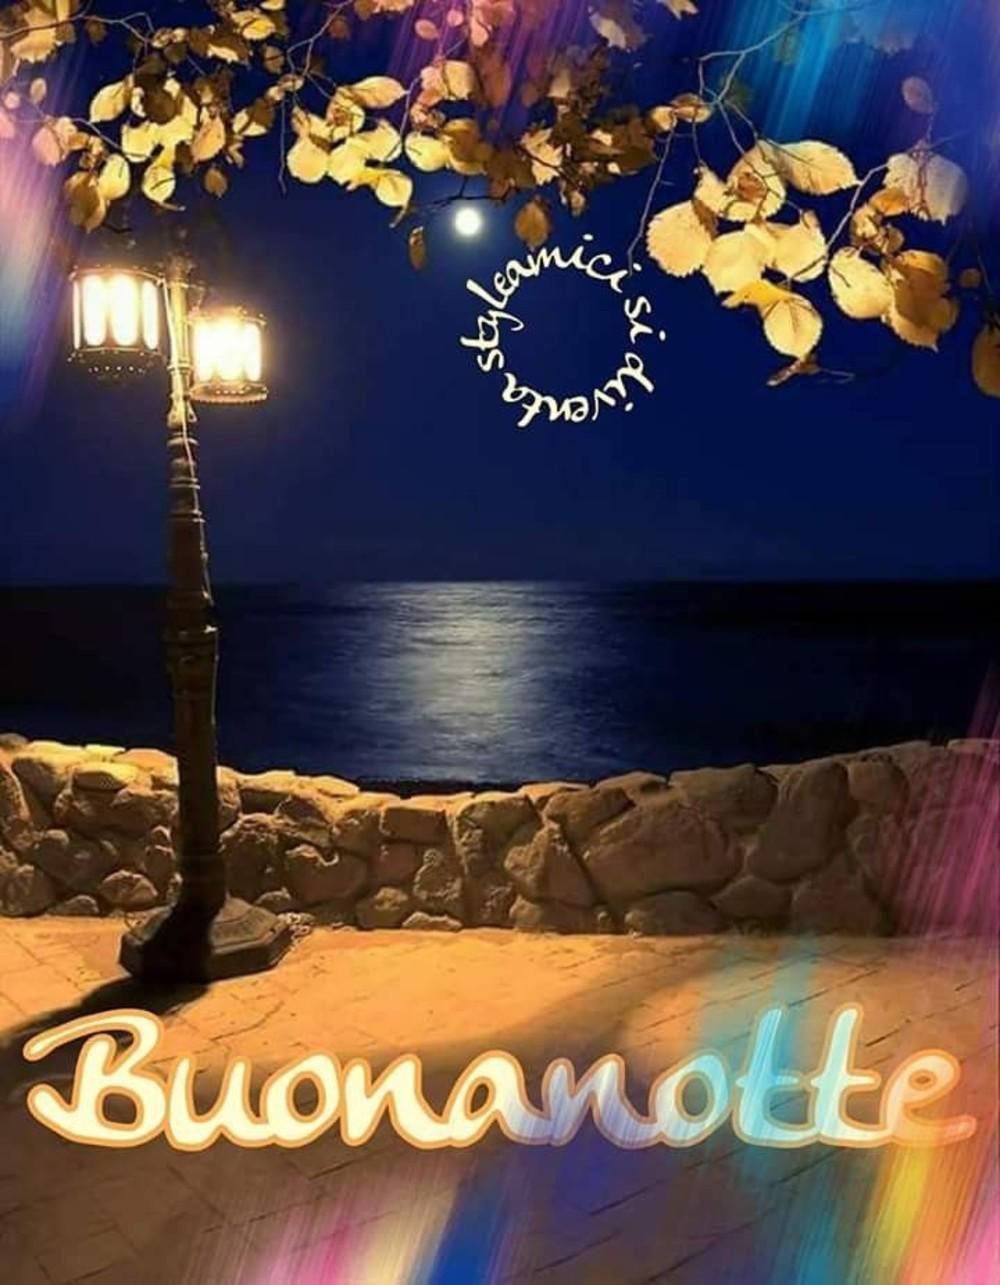 Immagini Buonanotte Belle Gratis 19 Buongiornocolsorriso It